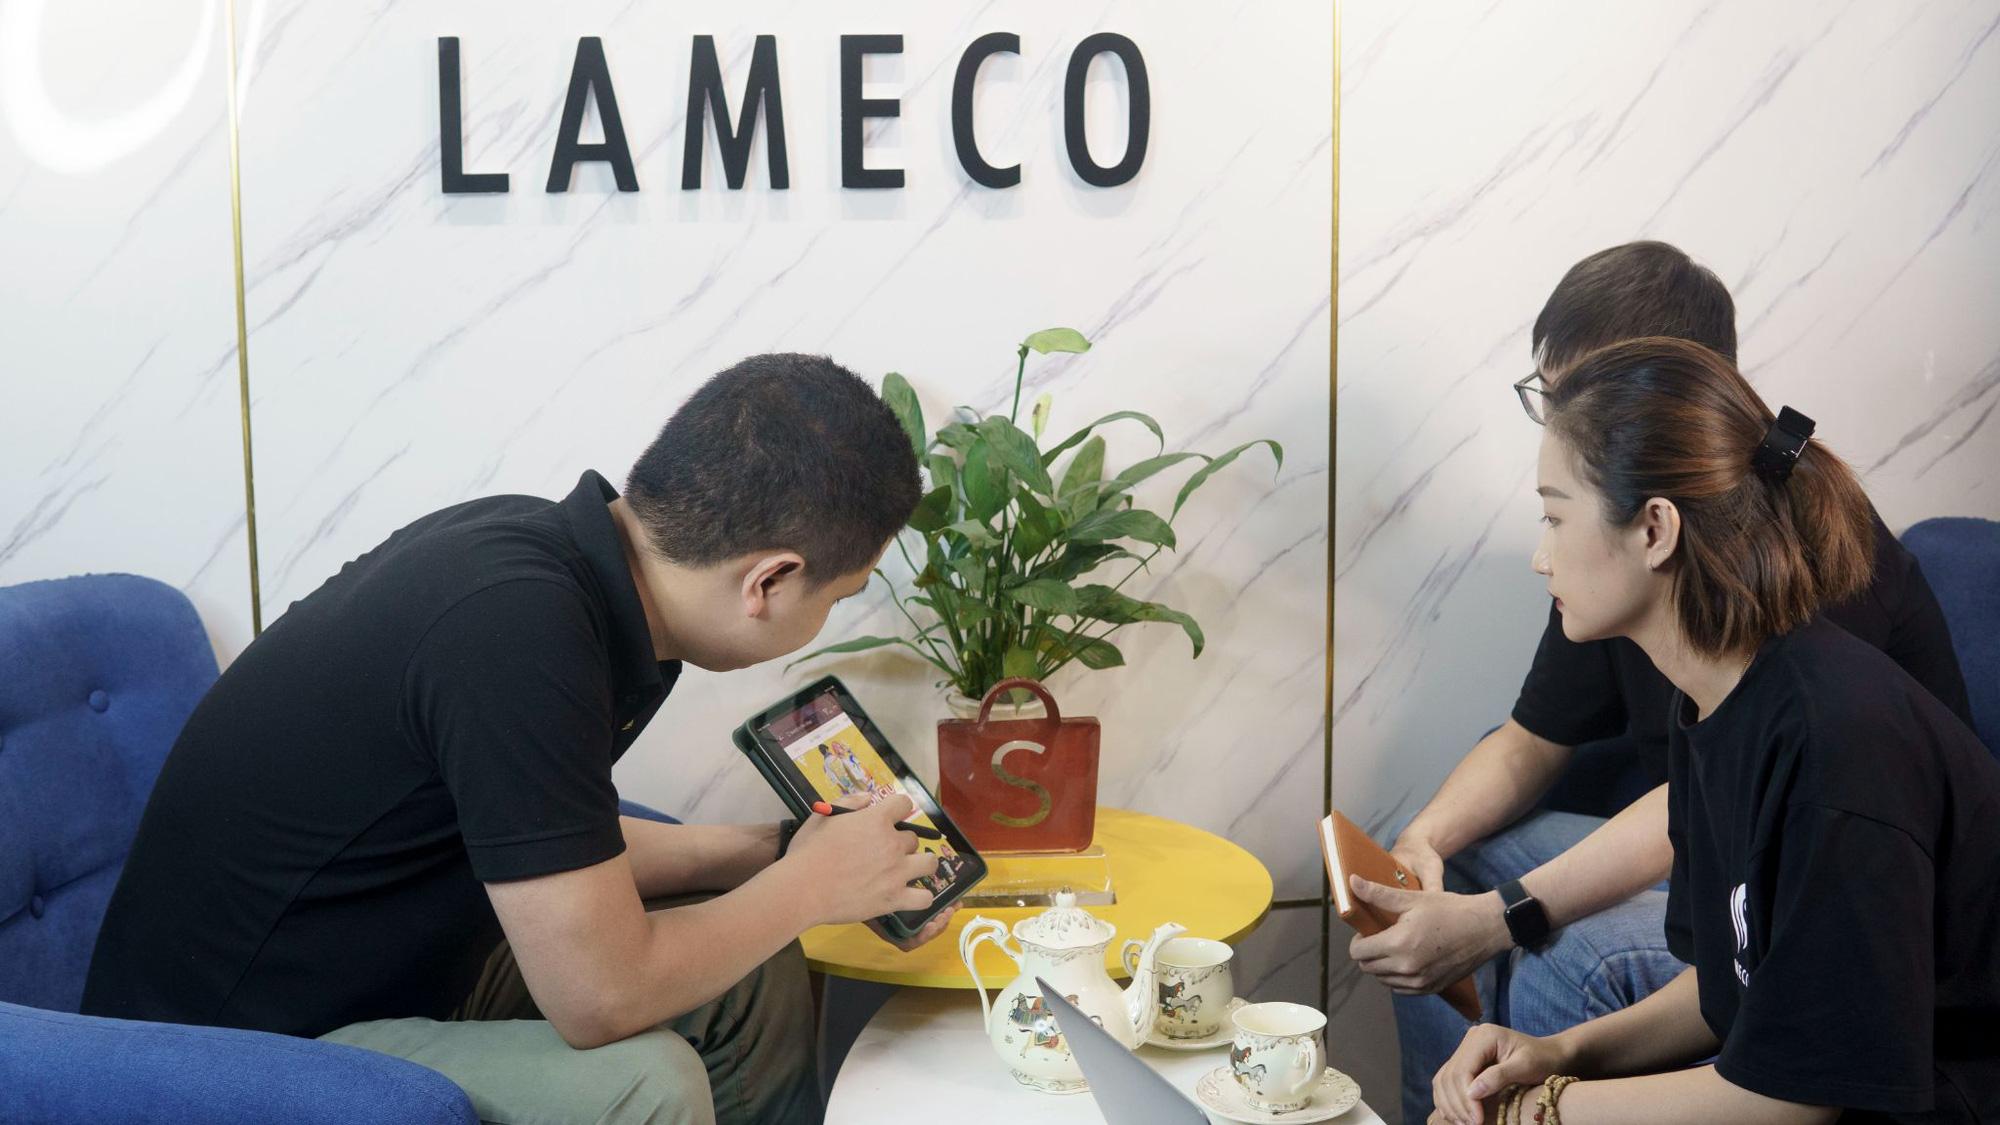 Lameco - cung cấp các giải pháp kinh doanh hiệu quả, xây dựng thương hiệu bền vững trên sàn TMĐT Việt Nam - Ảnh 1.